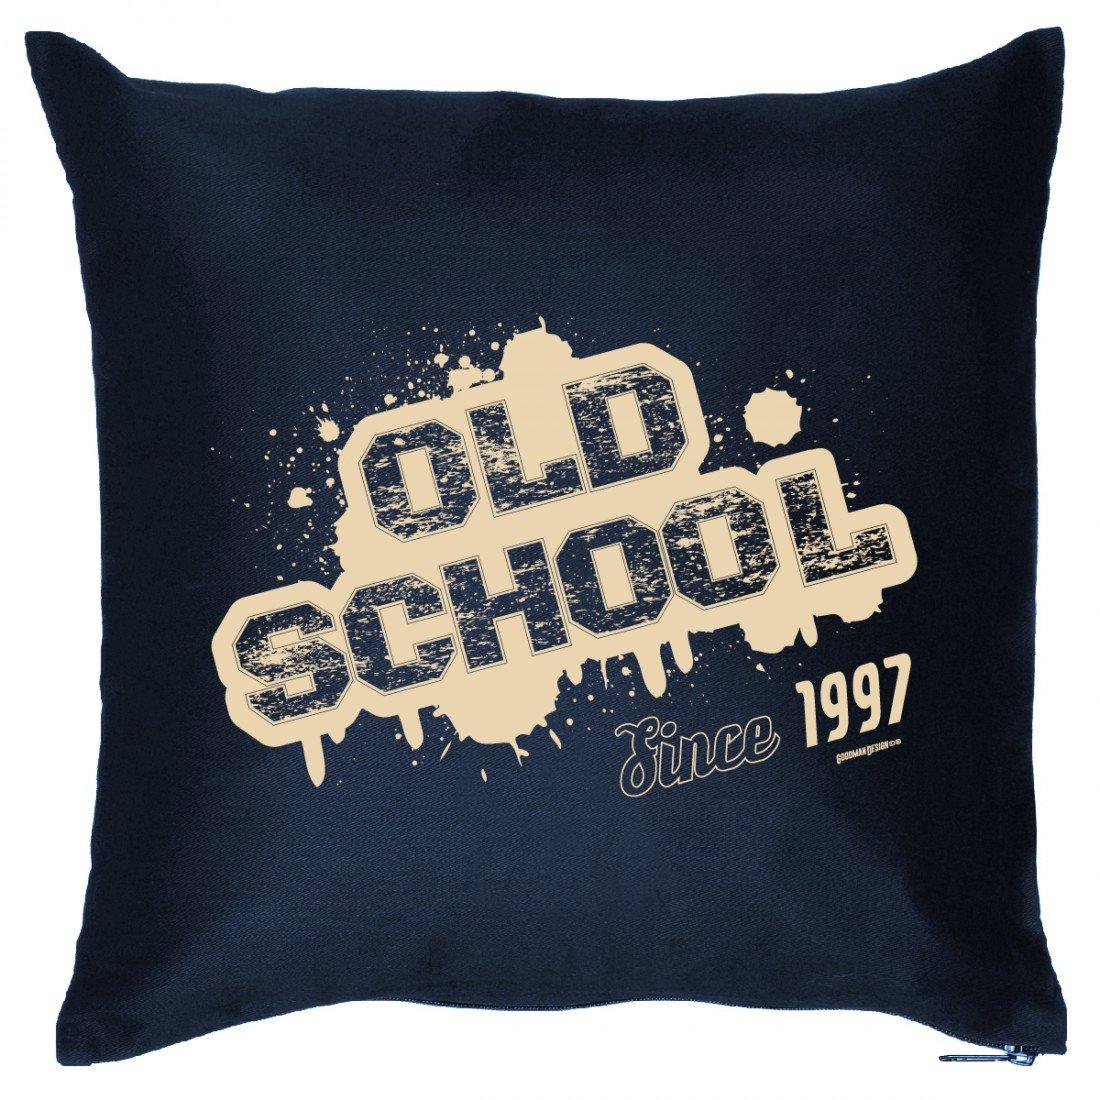 Couch Kissen mit Jahrgang zum Geburtstag – Old School since 1997 – Sofakissen Wendekissen mit Spruch und Humor günstig